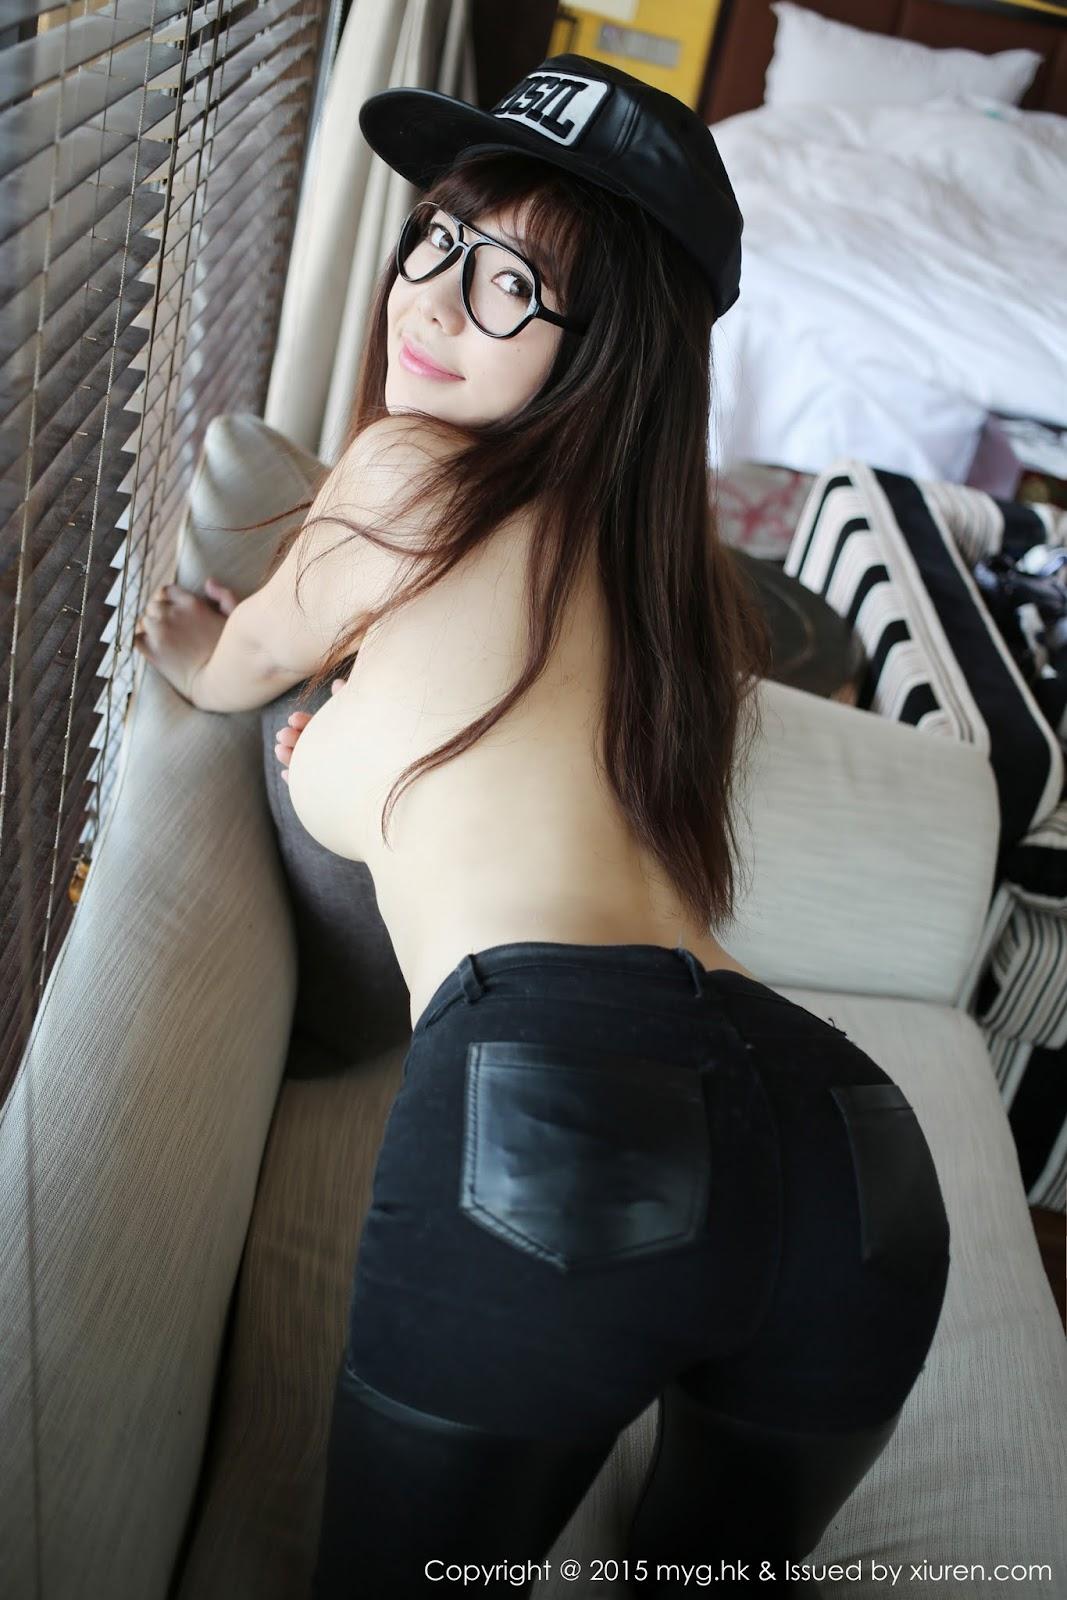 0050 - Hot MYGIRL VOL.109 FAYE Sexy